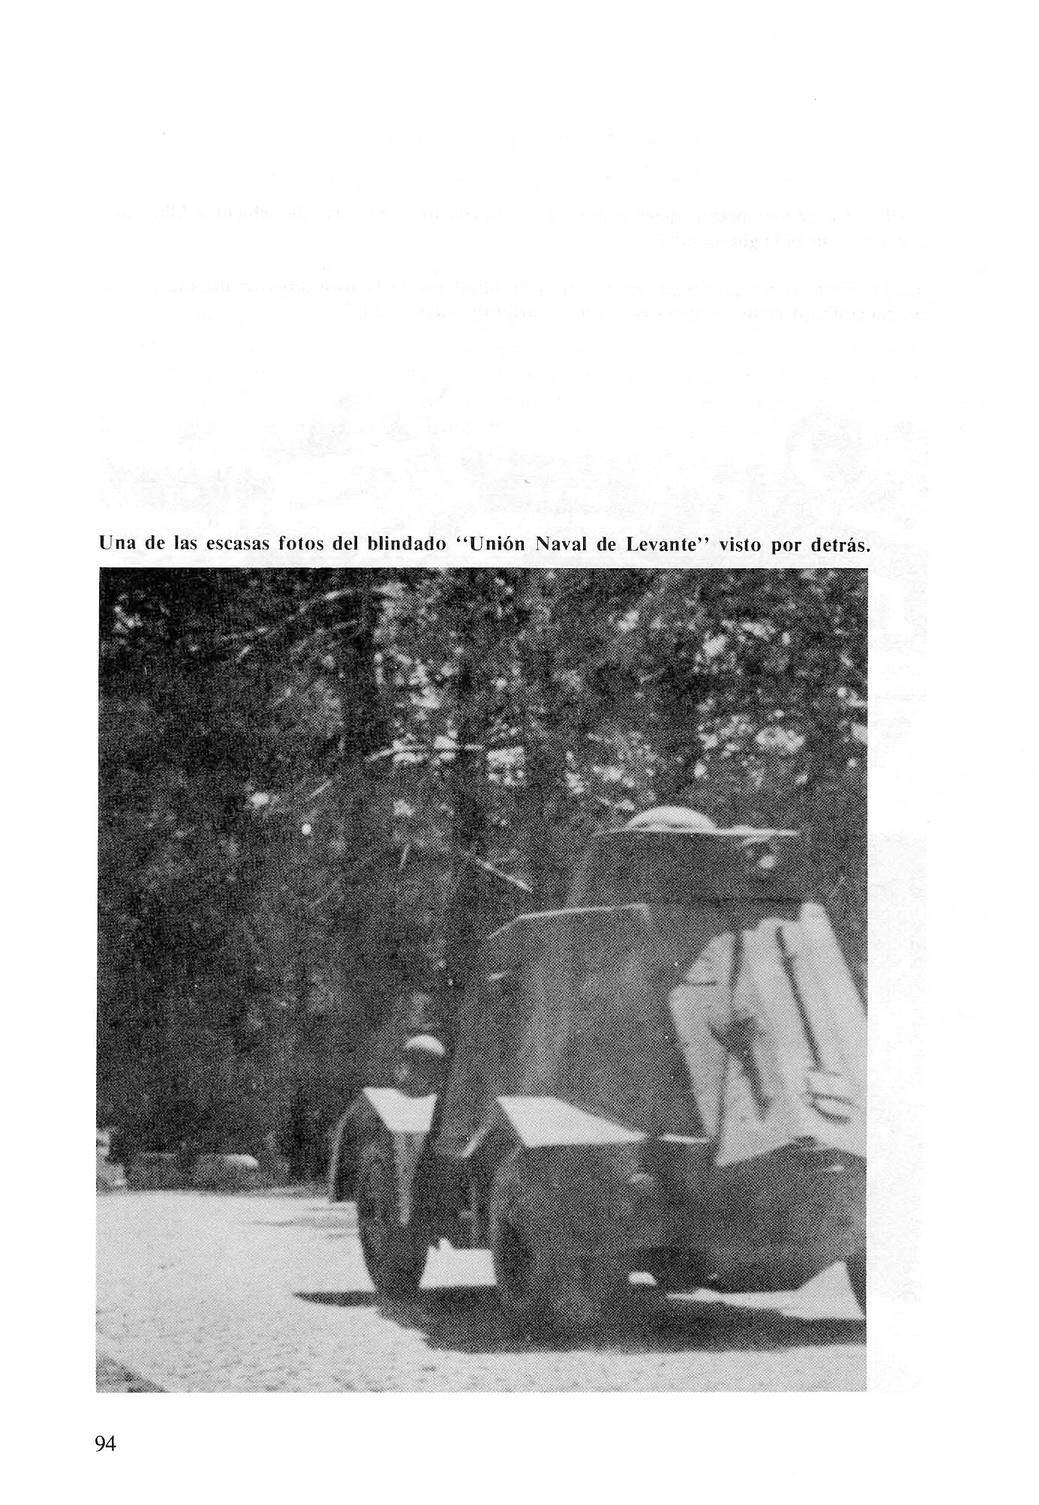 Carros De Combate Y Vehiculos Blindados De La Guerra 1936 1939 [F.C.Albert 1980]_Страница_092.jpg